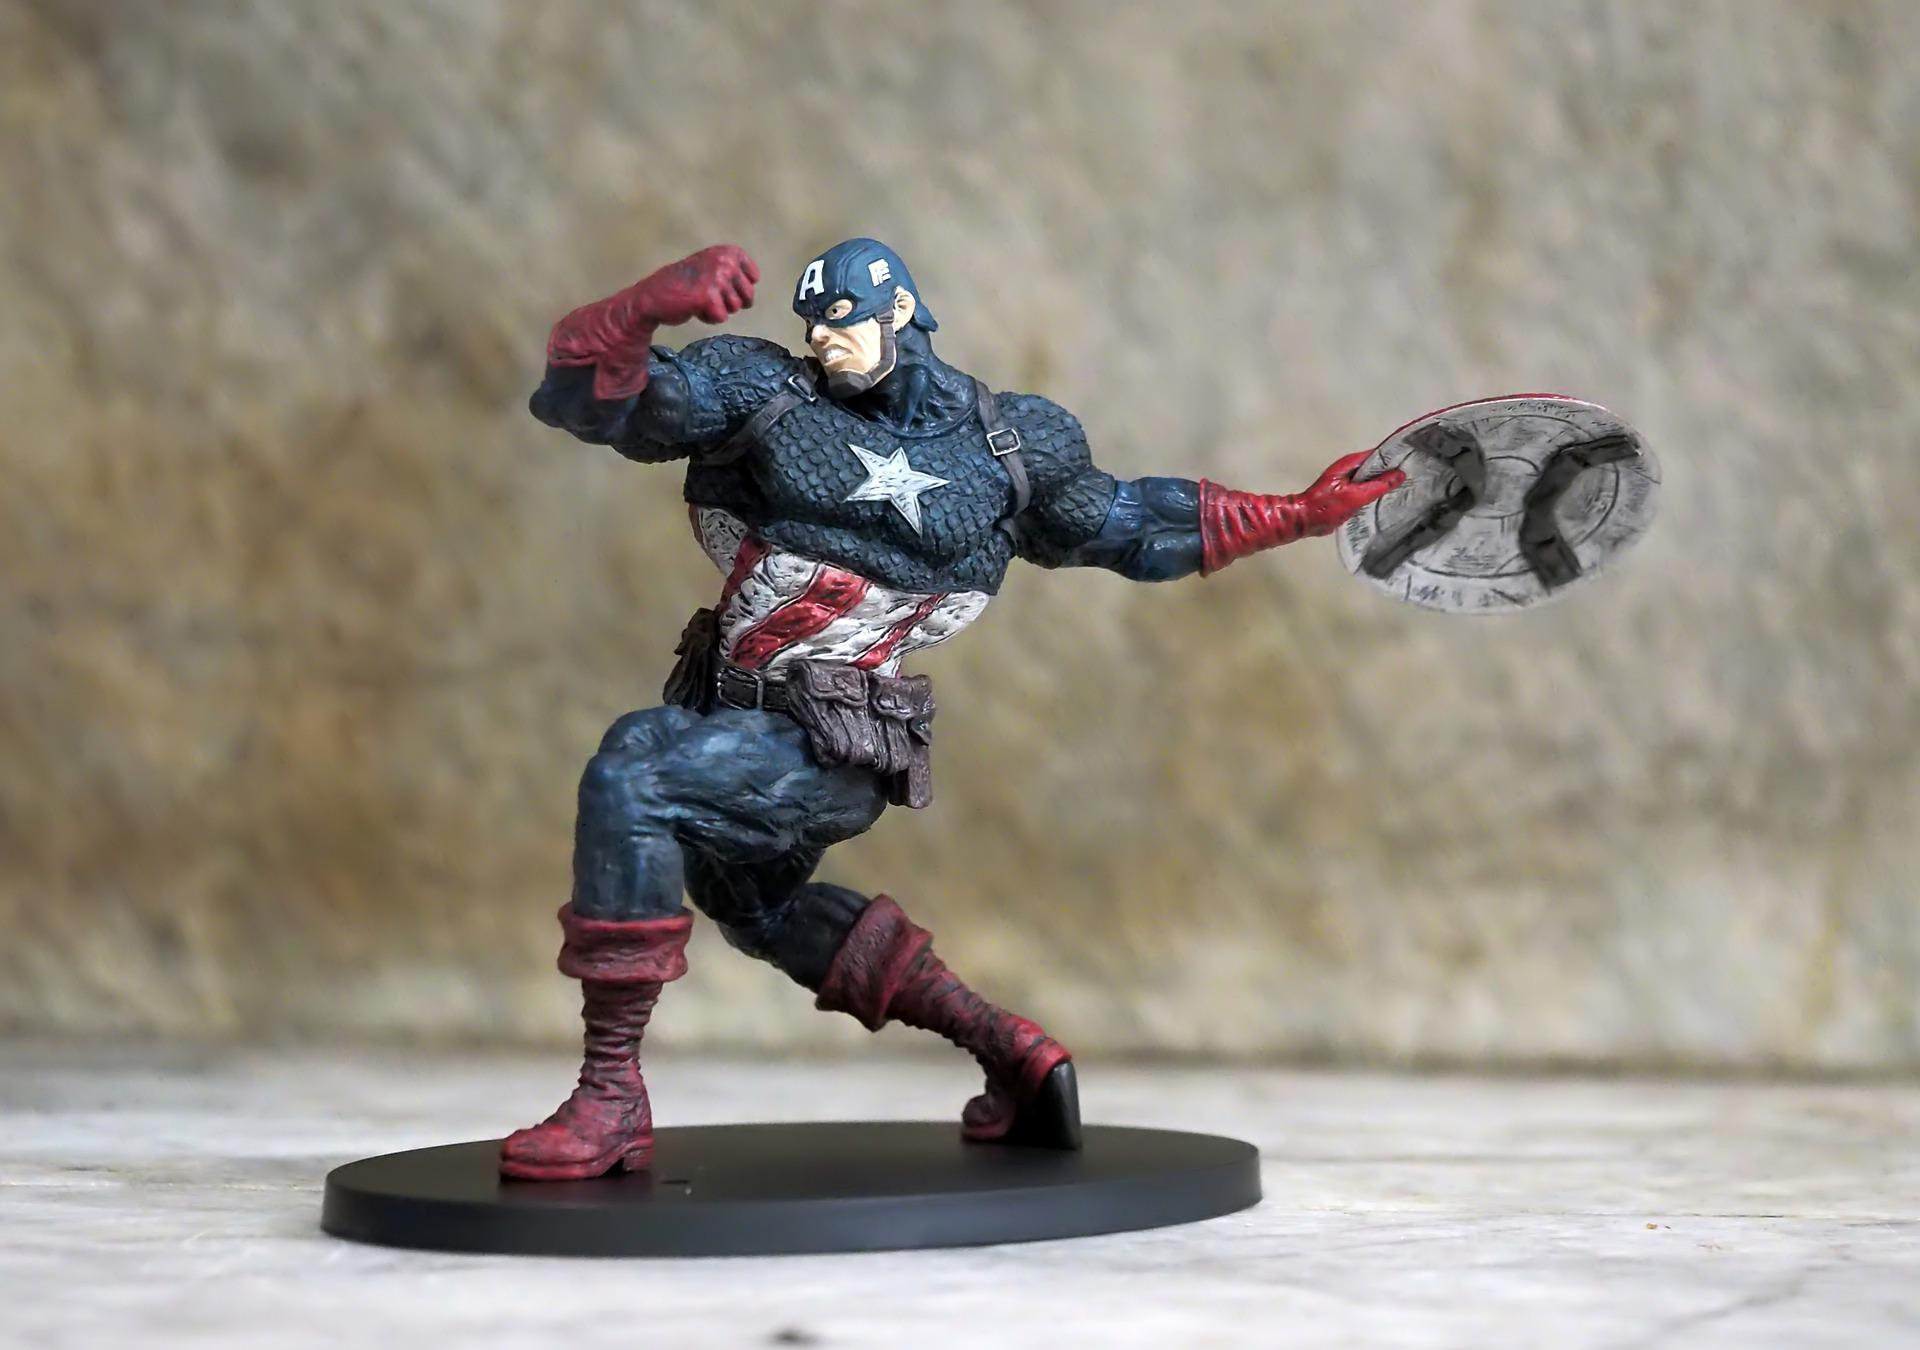 captain-america-4428842_1920.jpg